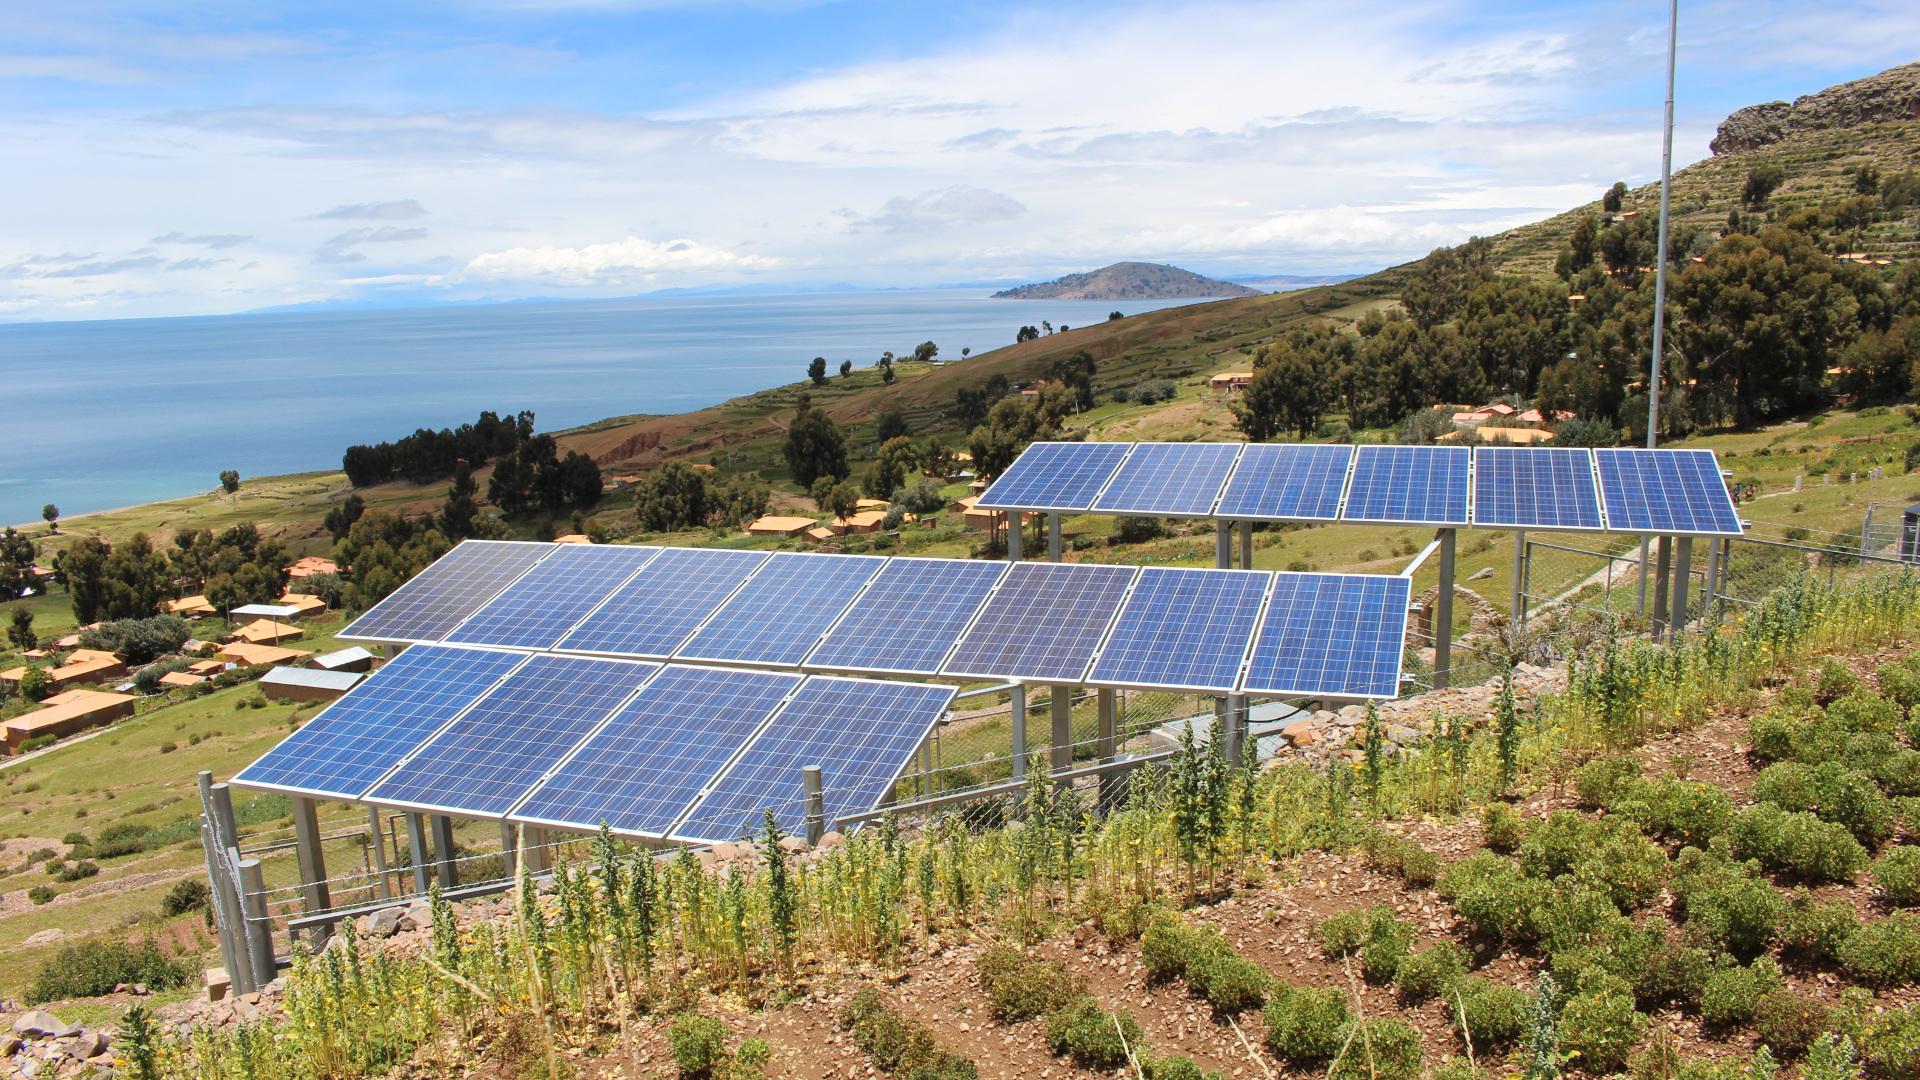 Convocadas las ayudas para instalar energias renovables en el sector agroganadero1920